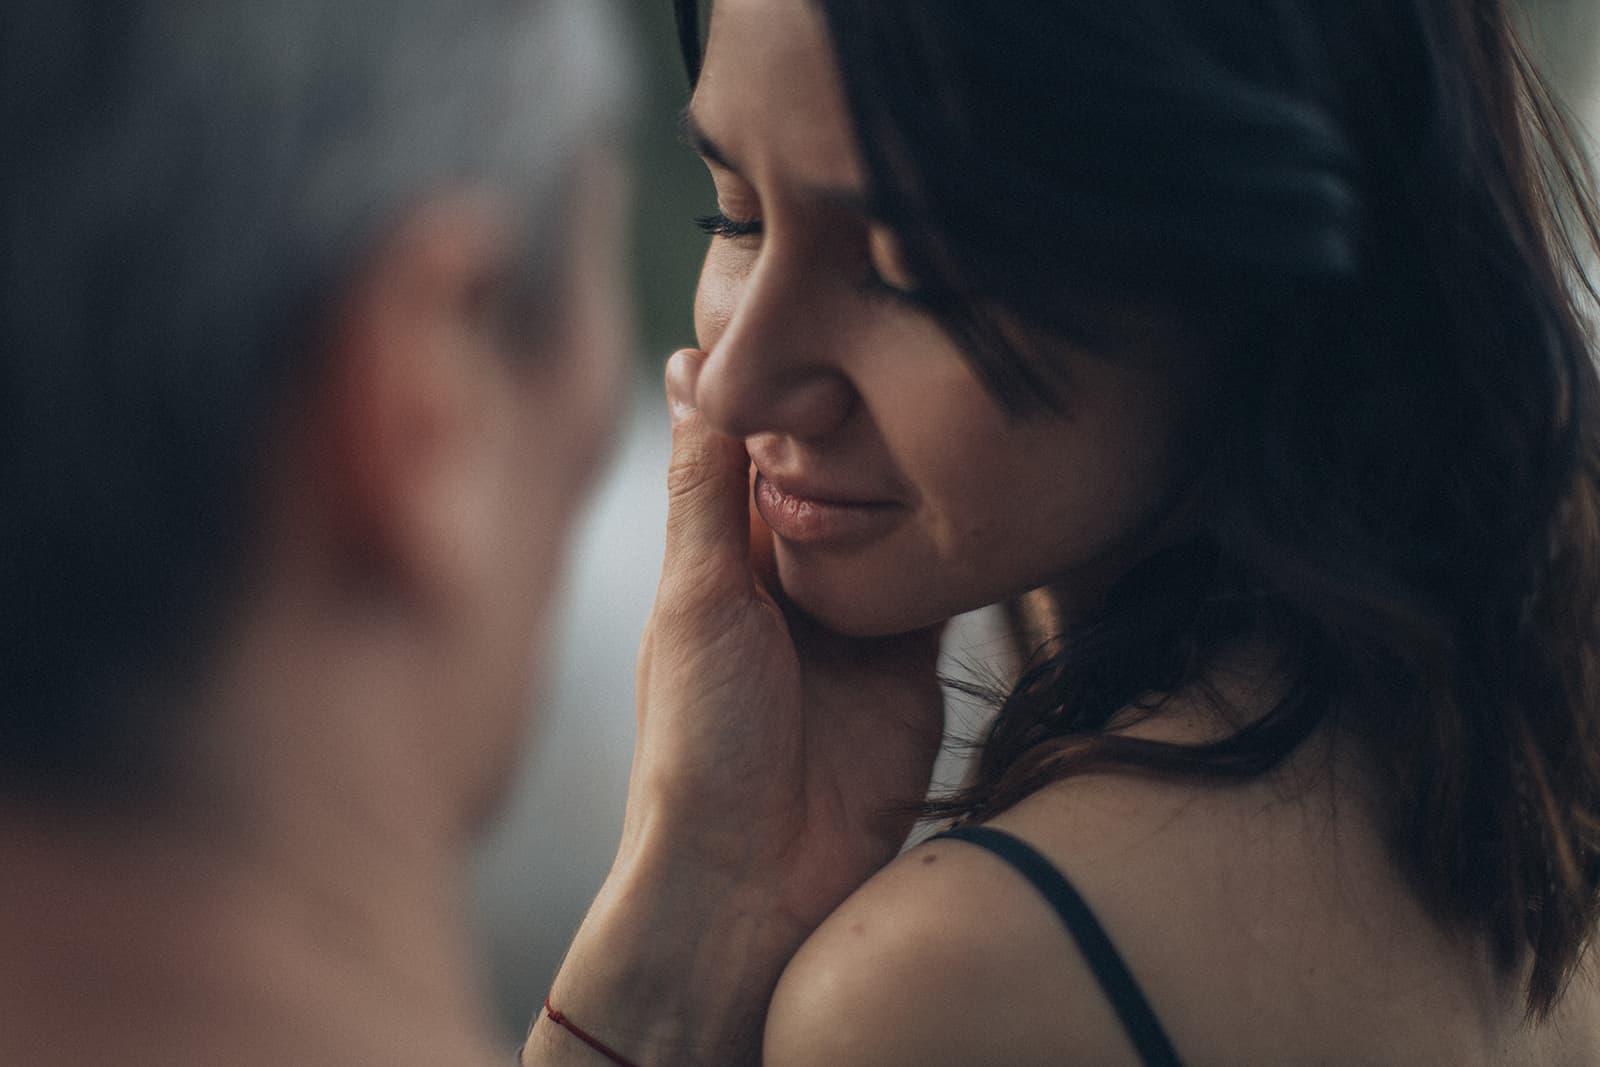 Ein Mann berührte das Gesicht seiner Freundin, die ihre Augen schloss